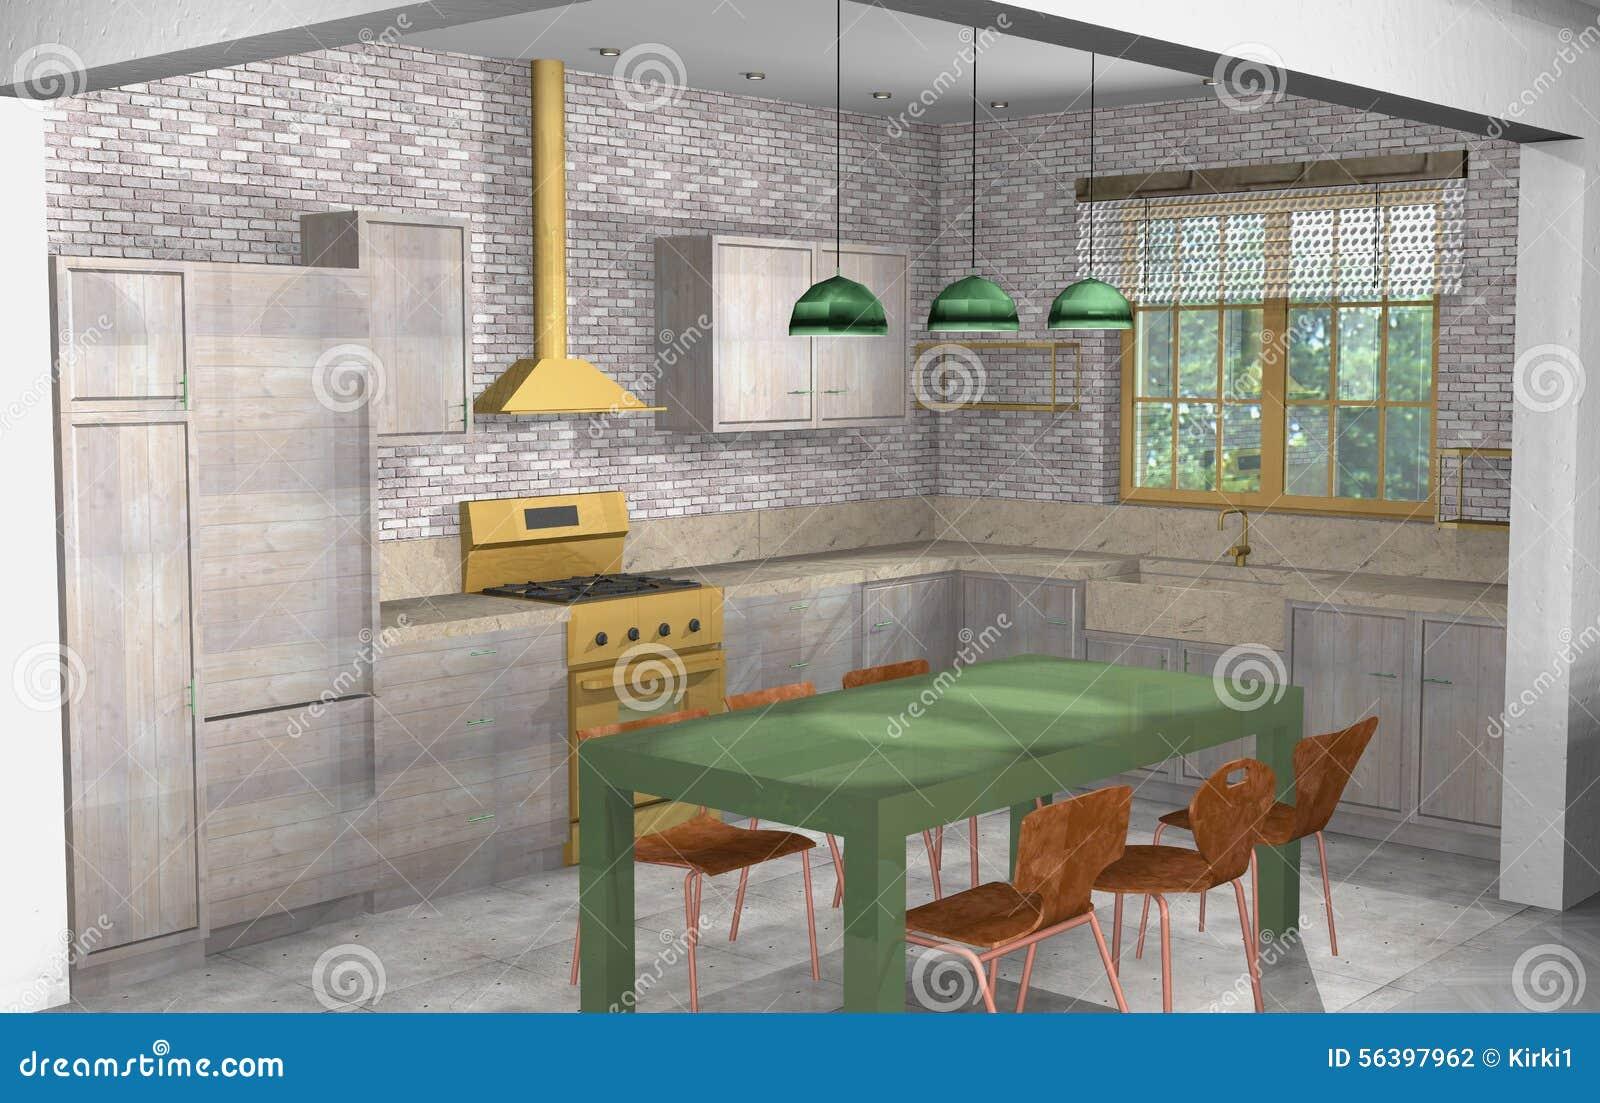 Bureau maison de style industriel et moderne salons and house